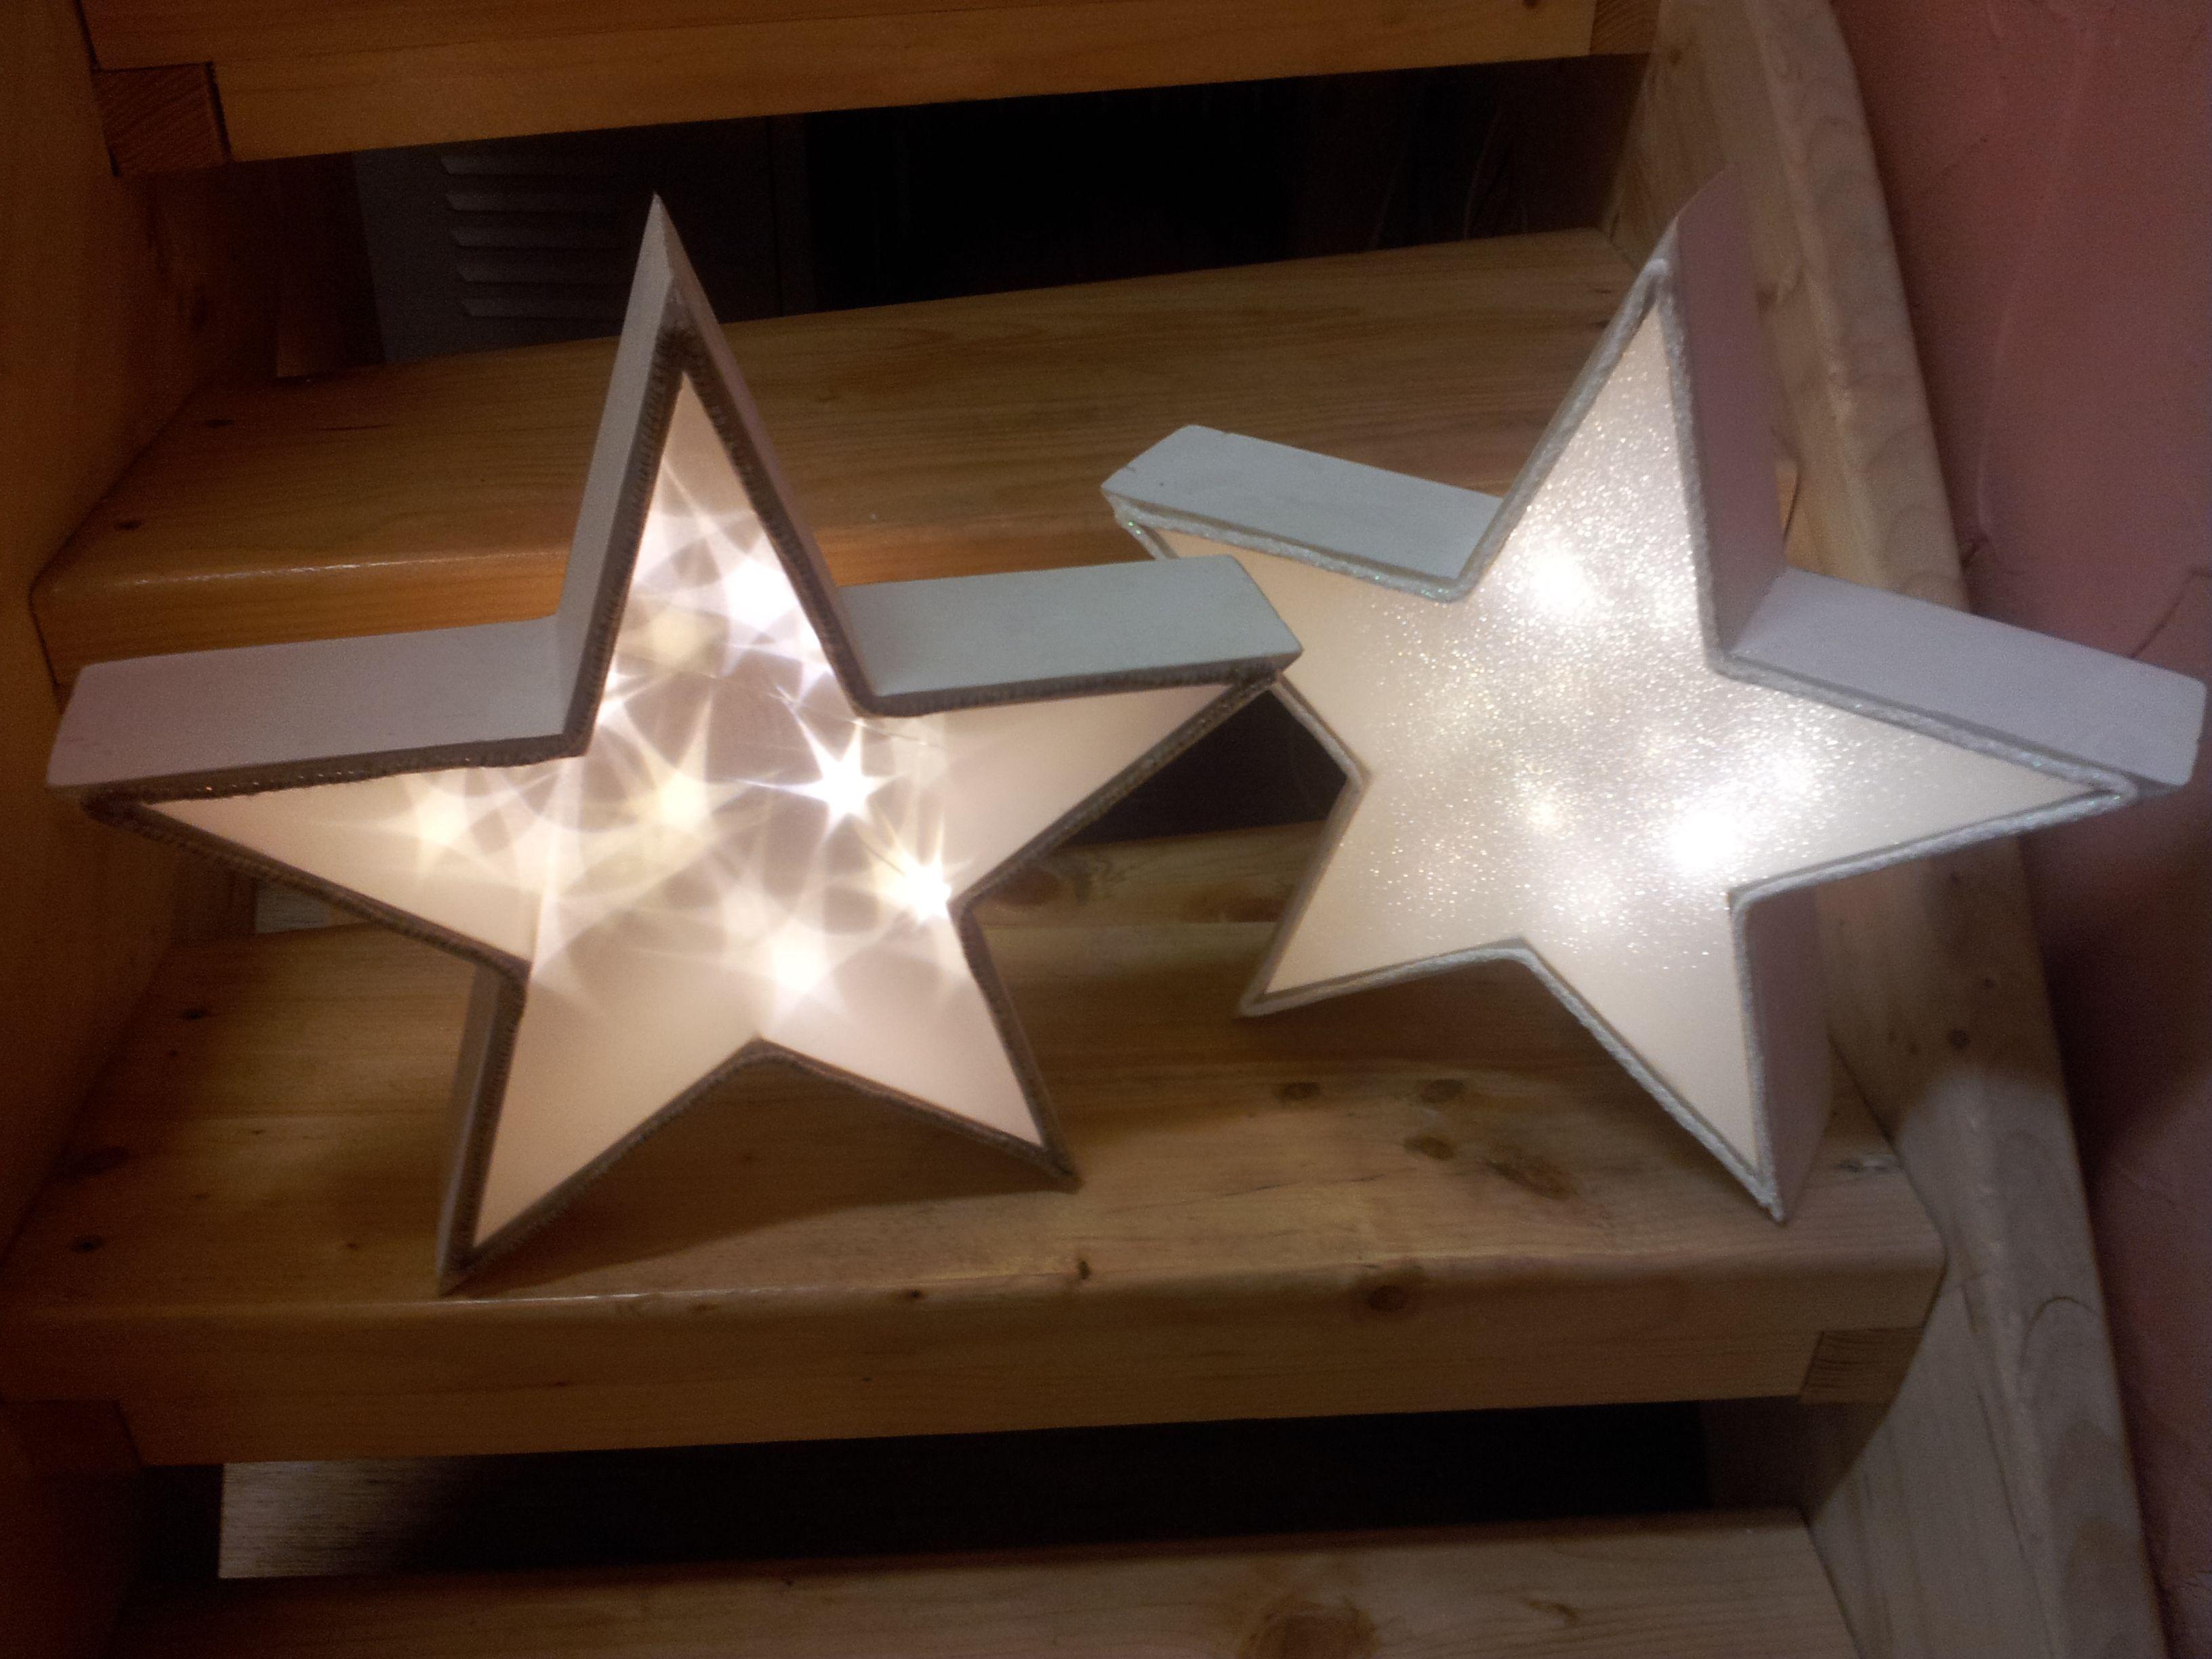 Weihnachtssterne Mit Glimmerfolie 3d Effektfolie Selbst Gebastelt Der Stern Ist Ein Holzrohling Dazu Weihnachtsdeko Mit Licht Weihnachtsdeko Holz 3d Folie